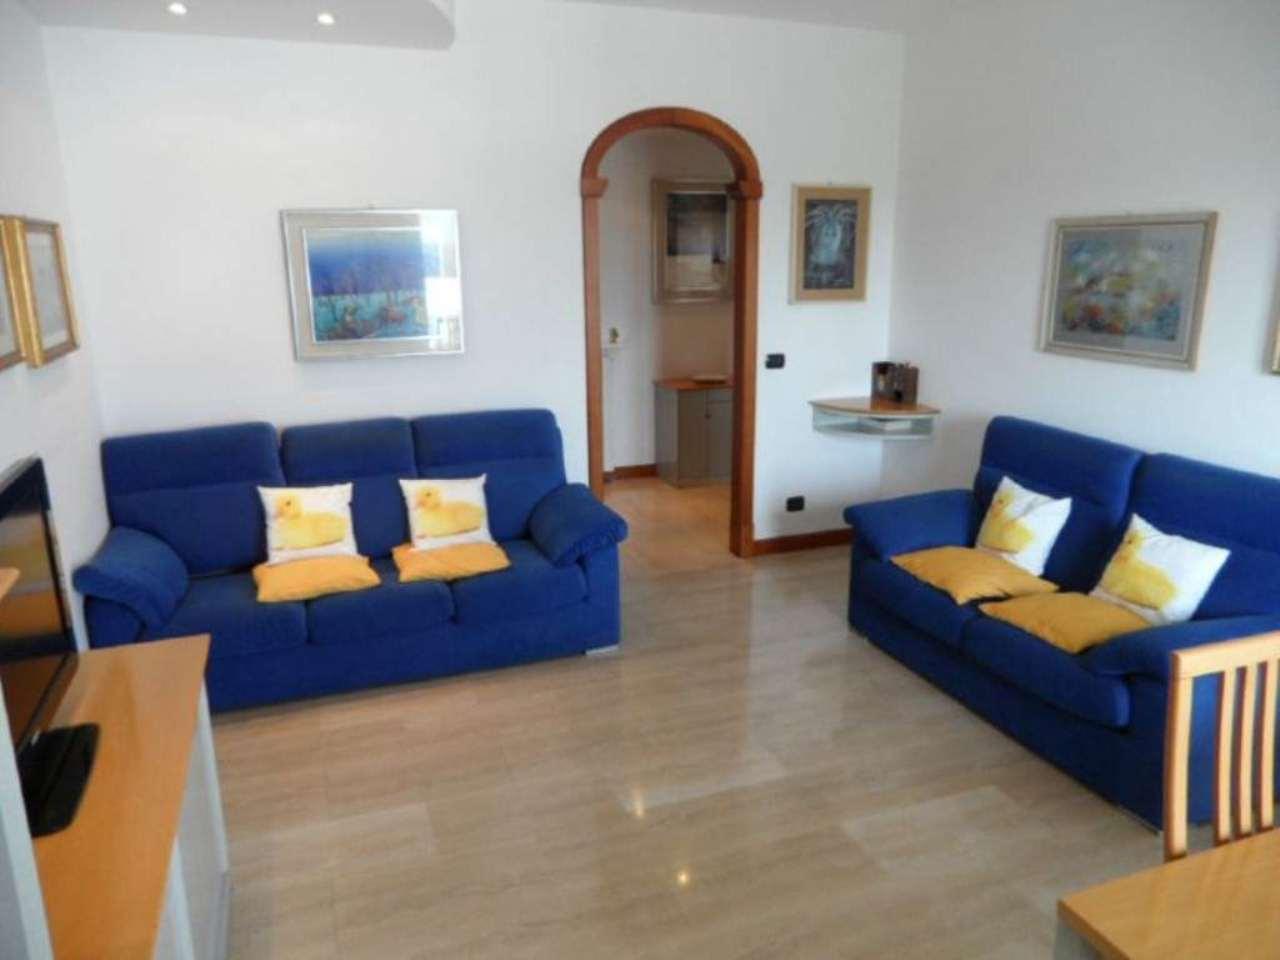 Appartamento in vendita a Seriate, 3 locali, prezzo € 115.000 | Cambio Casa.it